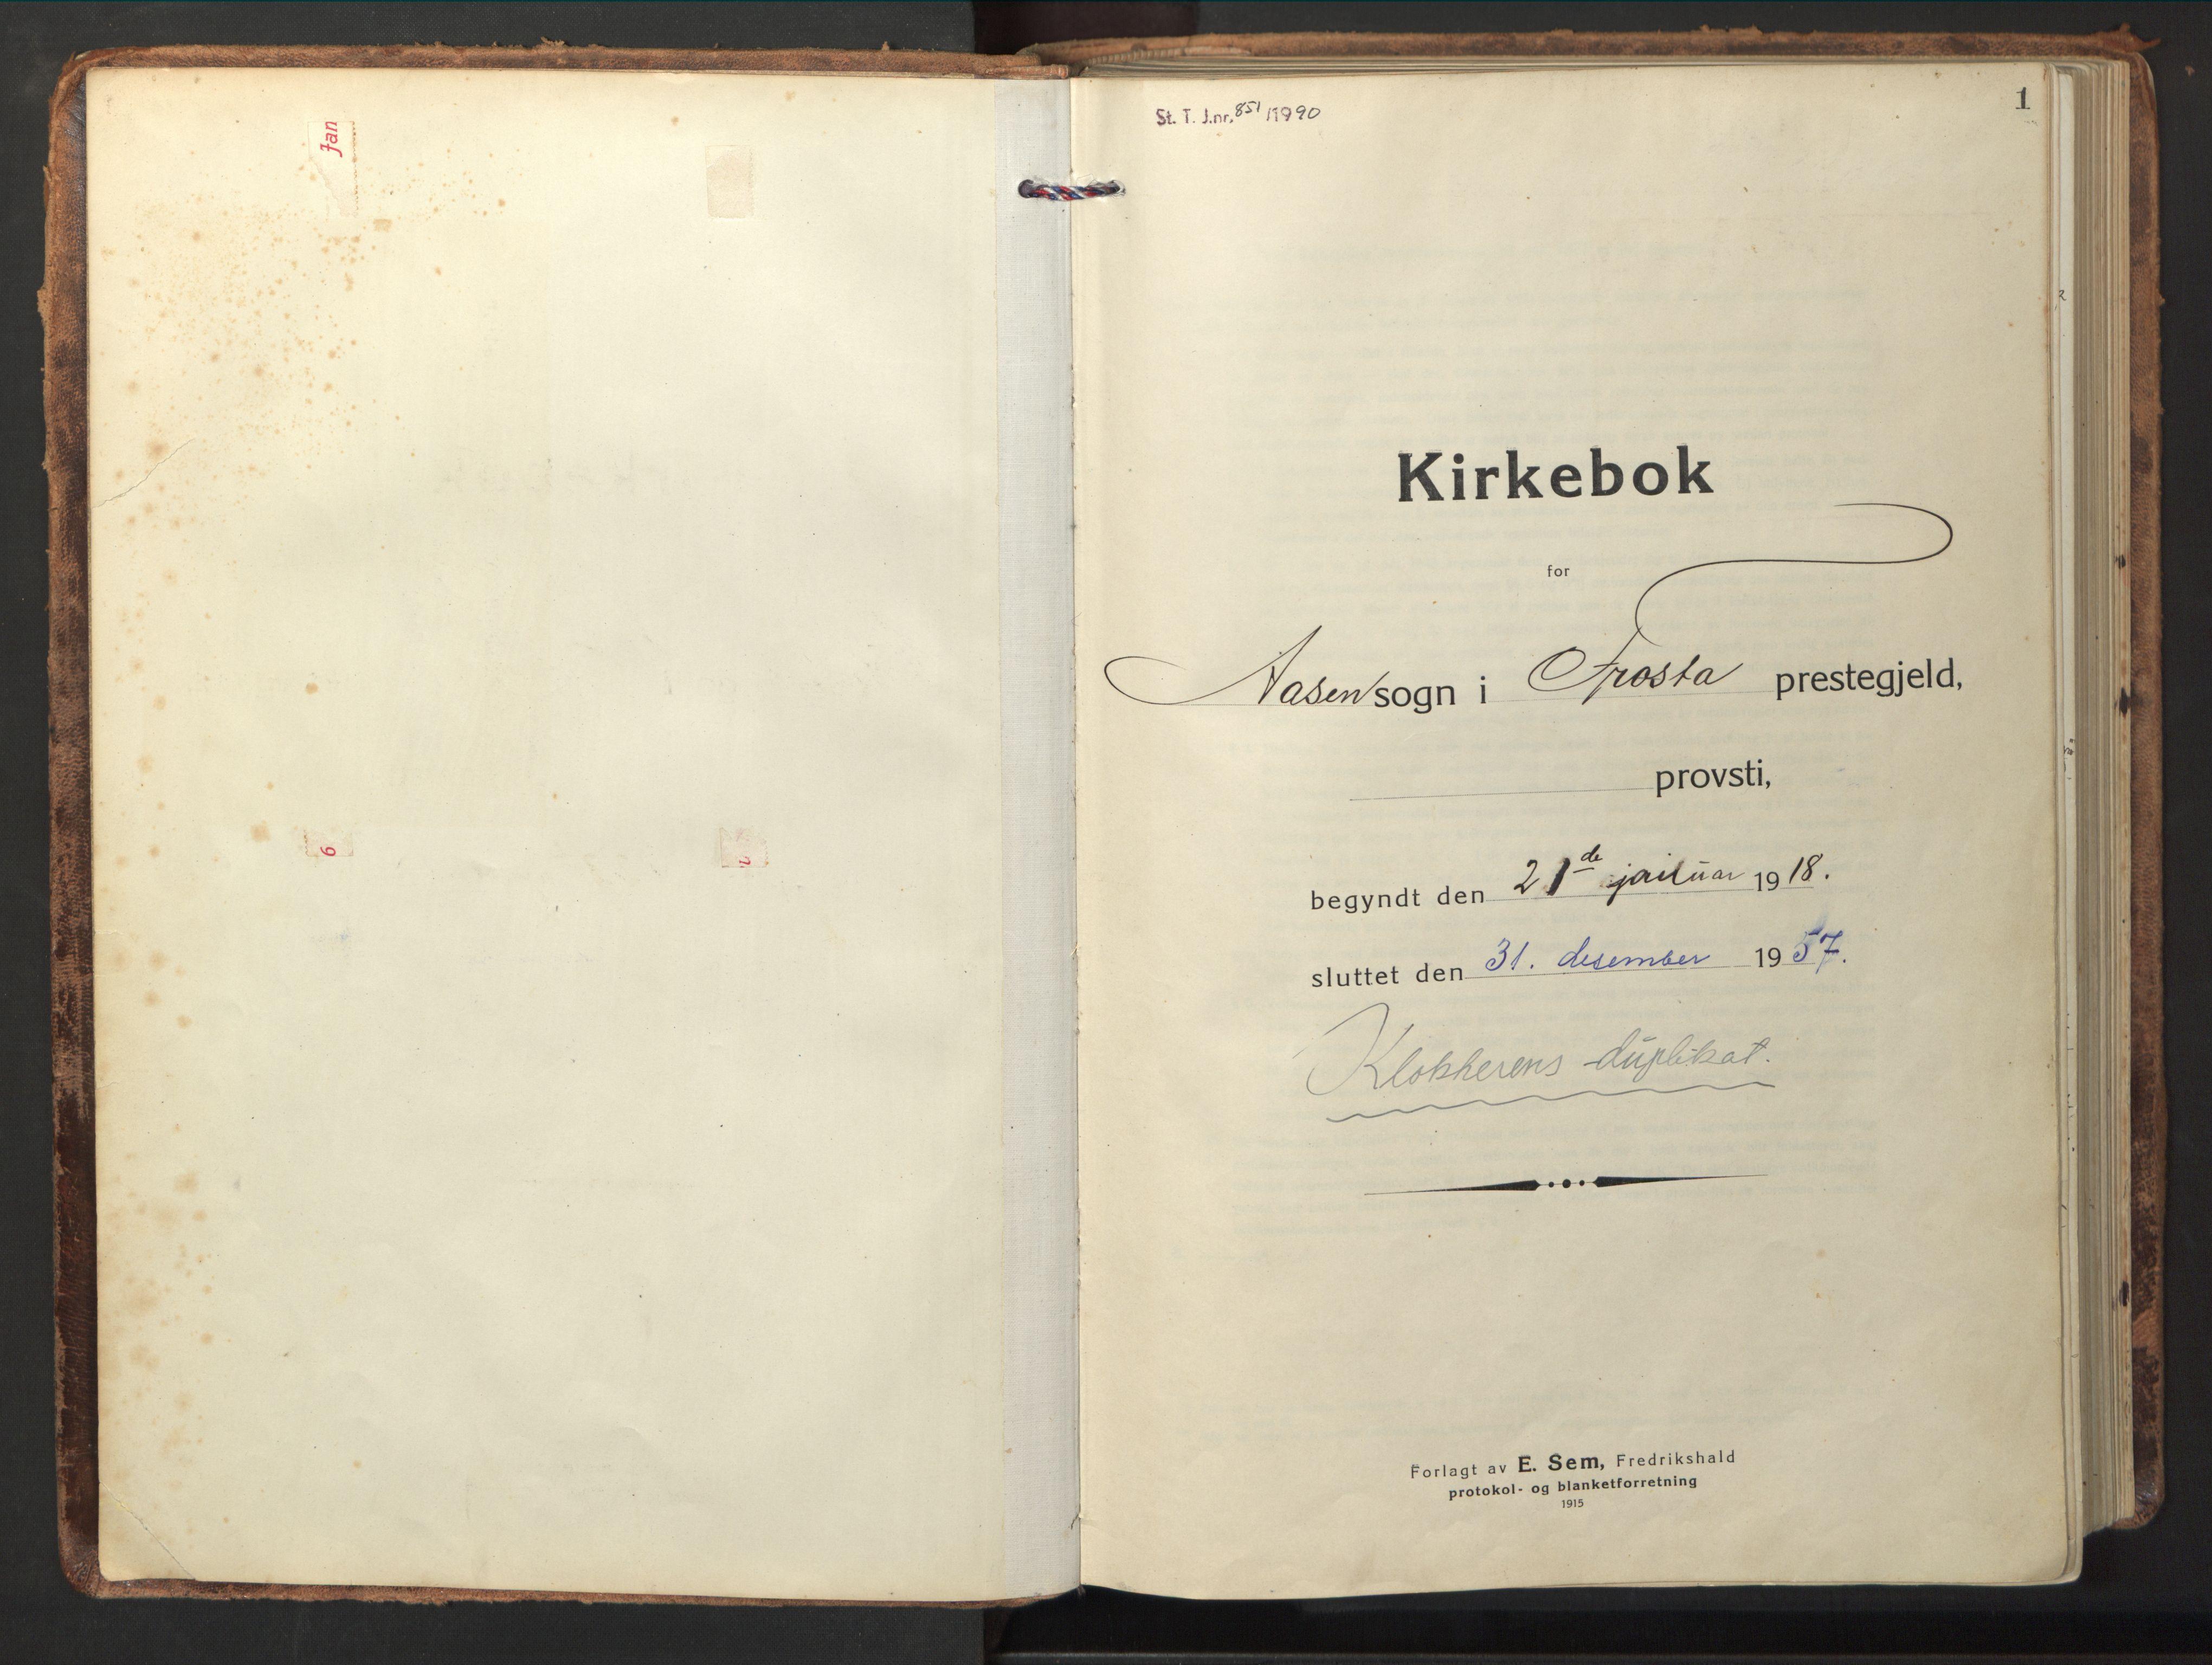 SAT, Ministerialprotokoller, klokkerbøker og fødselsregistre - Nord-Trøndelag, 714/L0136: Klokkerbok nr. 714C05, 1918-1957, s. 1